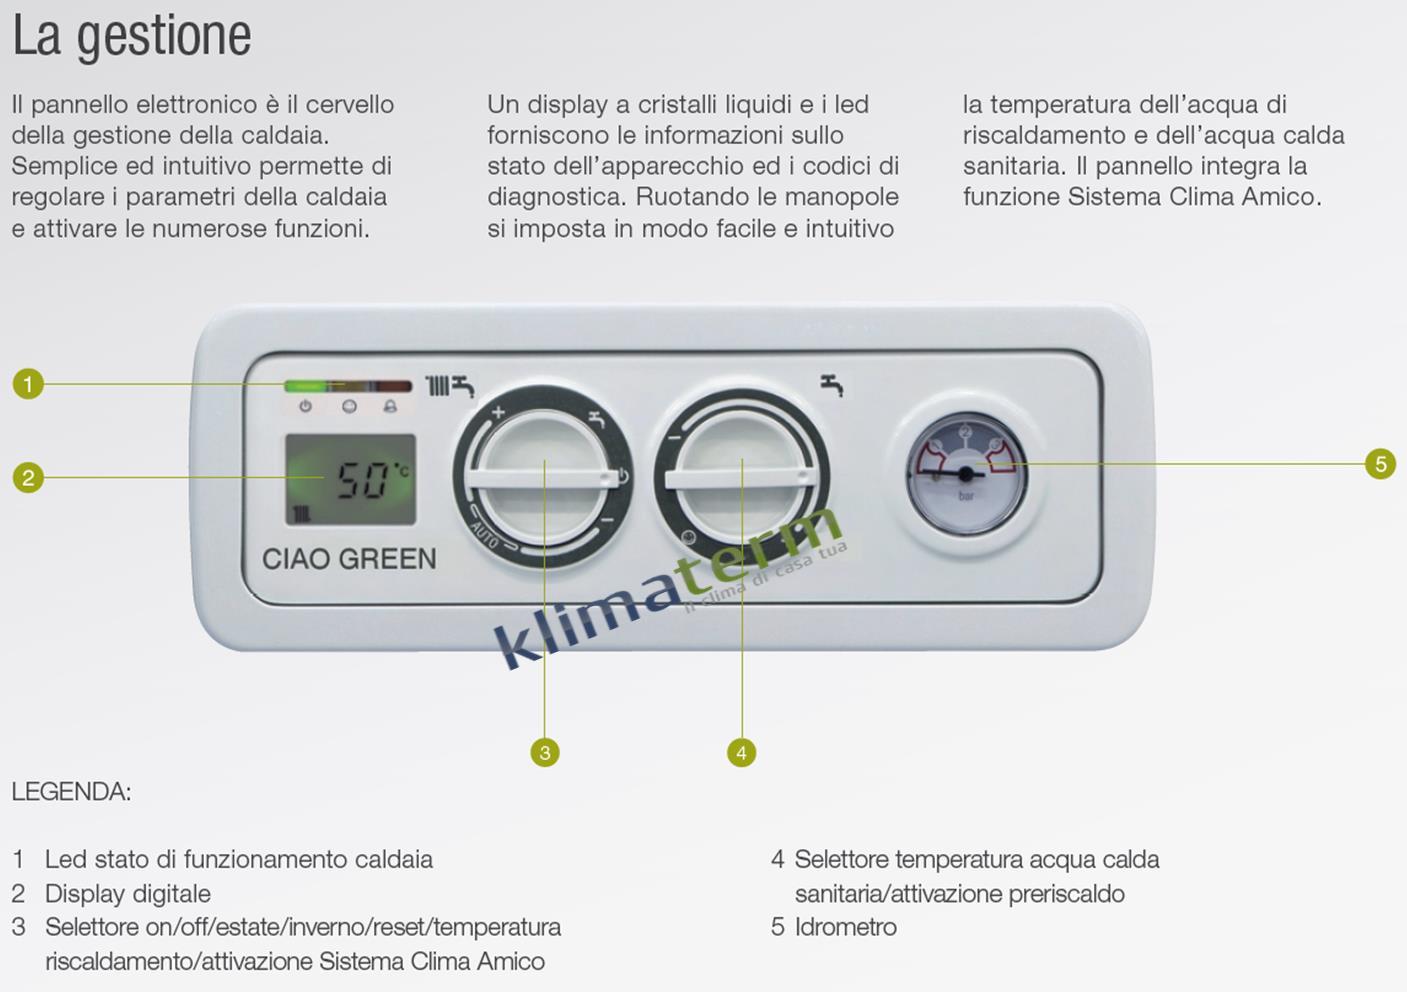 Caldaia A Condensazione Beretta  caldaia a condensazione murale mynute boiler beretta, caldaia ...